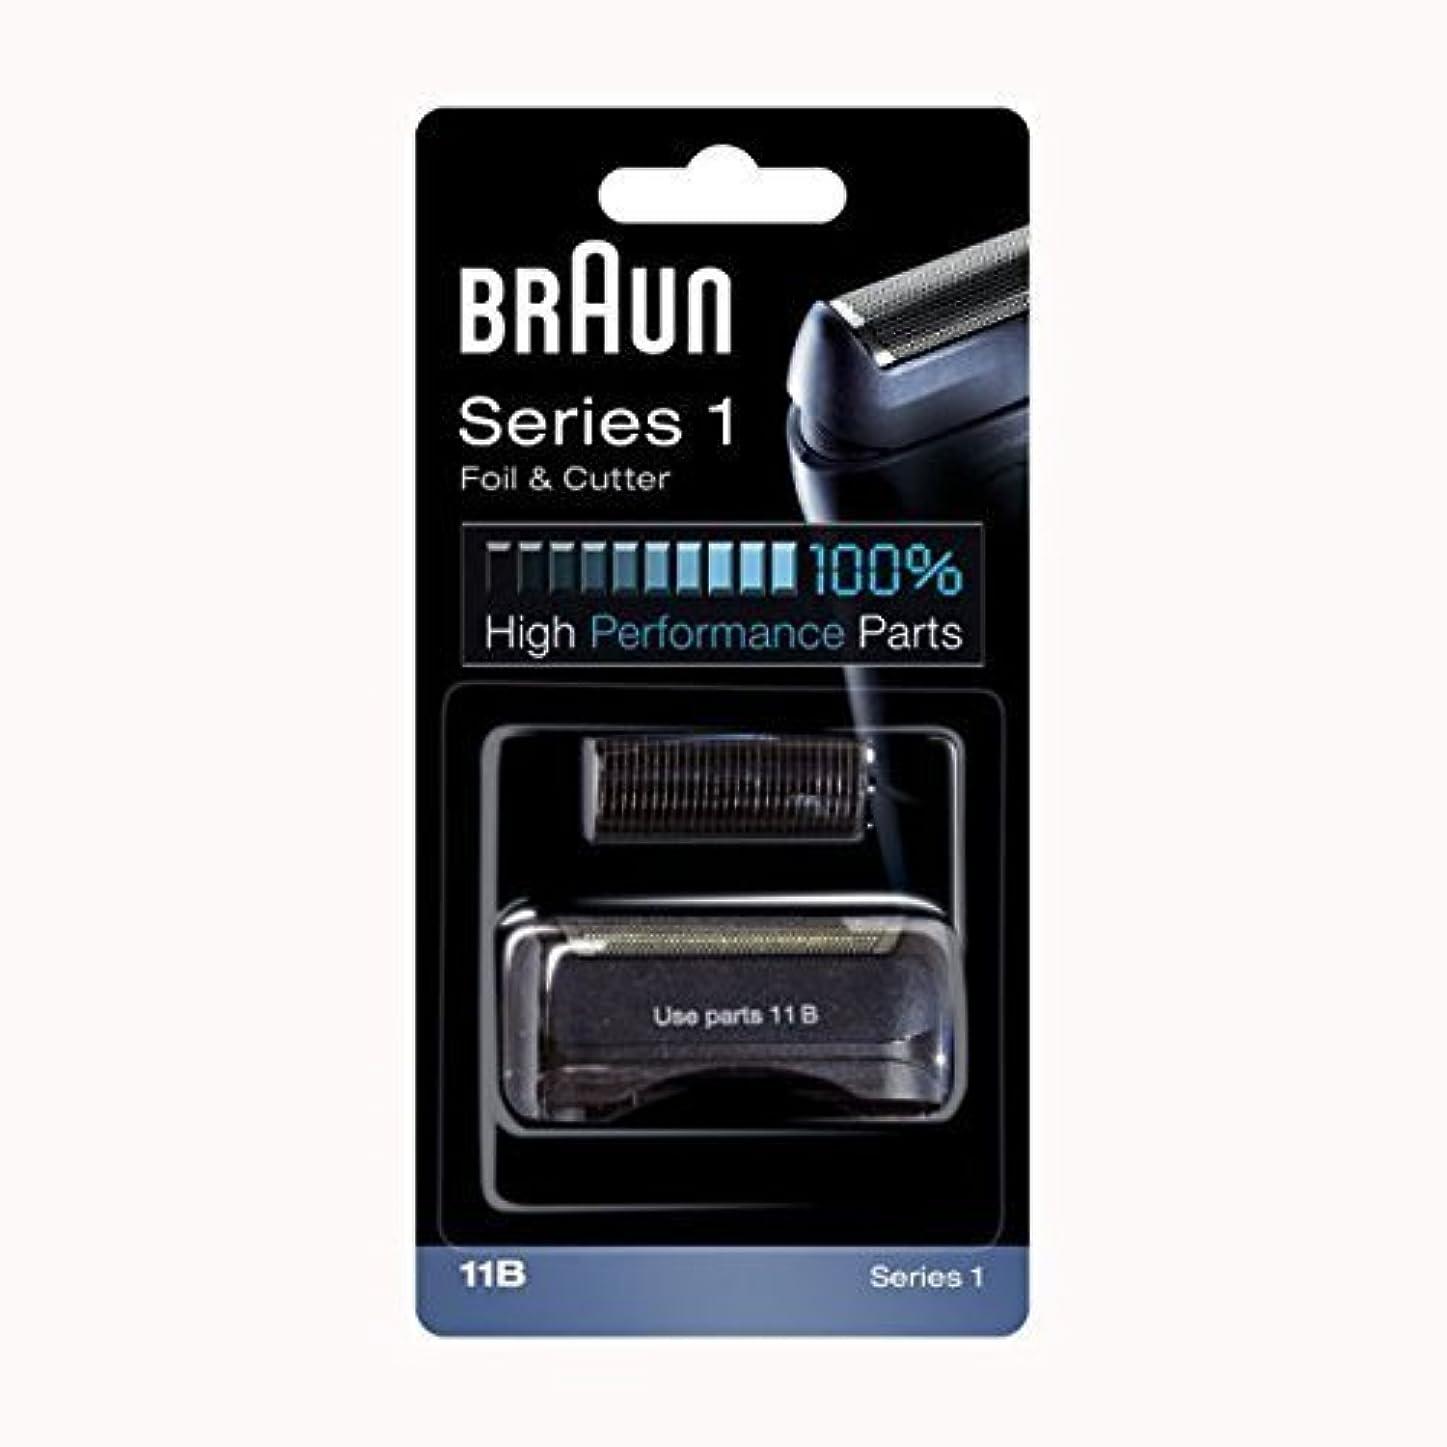 報復するフォーカス技術者Braun Series 150 Combipack 11B by Braun GmbH [並行輸入品]